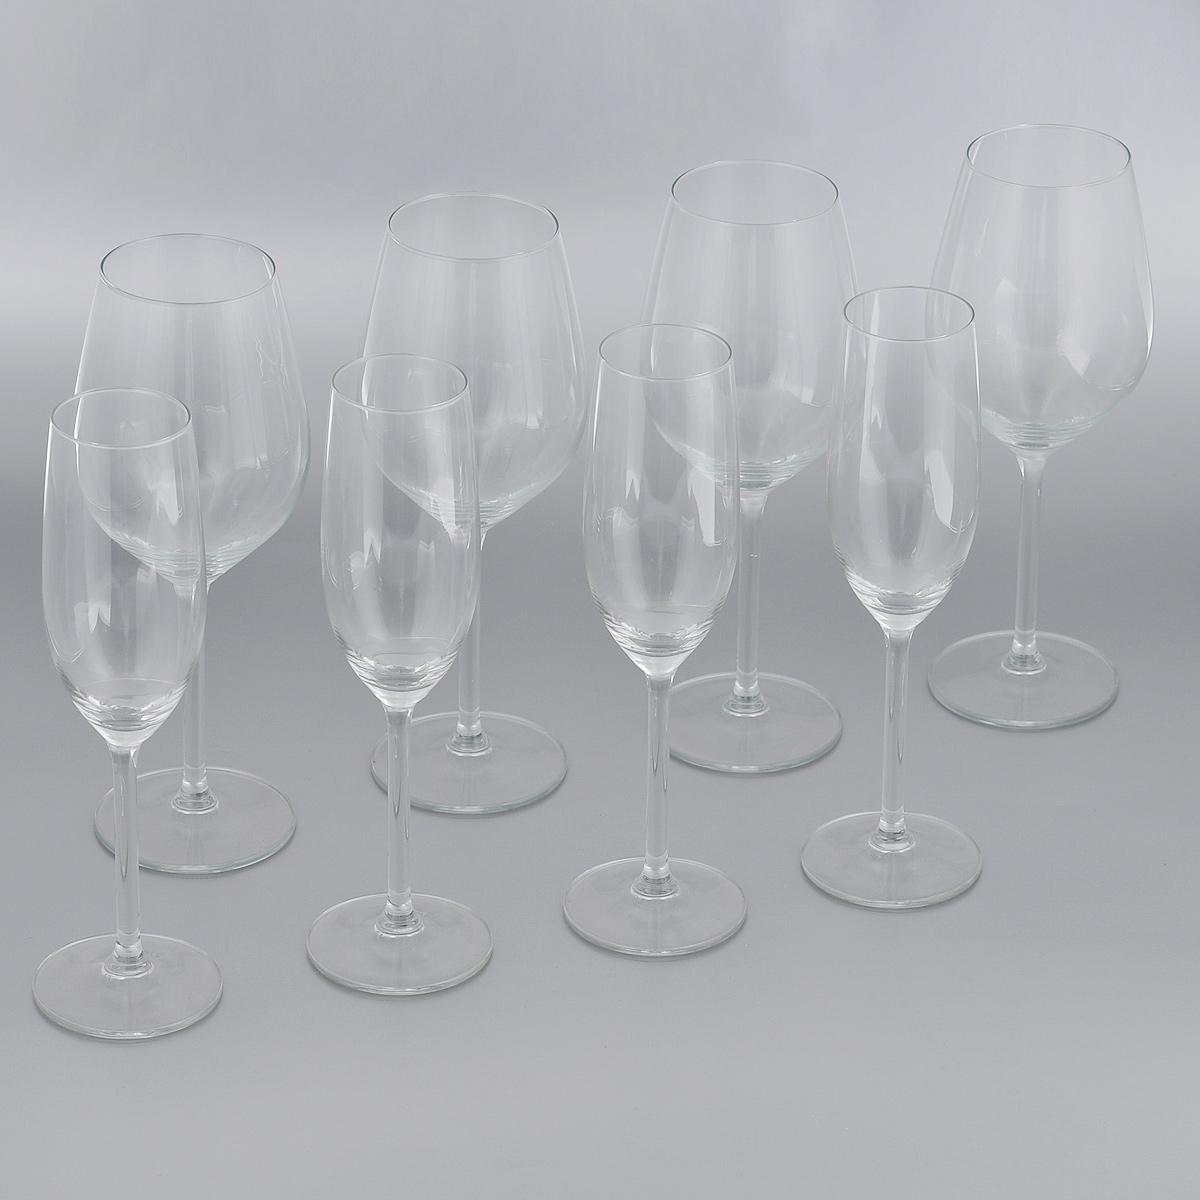 Набор бокалов Royal Leerdam Double Date, 8 предметов242713Набор Royal Leerdam Double Date состоит из 8 бокалов, выполненных из высококачественного стекла. В наборе 4 бокала для вина и 4 бокала для шампанского. Набор бокалов прекрасно оформит сервировку стола и создаст в доме атмосферу романтики и уюта. Можно мыть в посудомоечной машине.